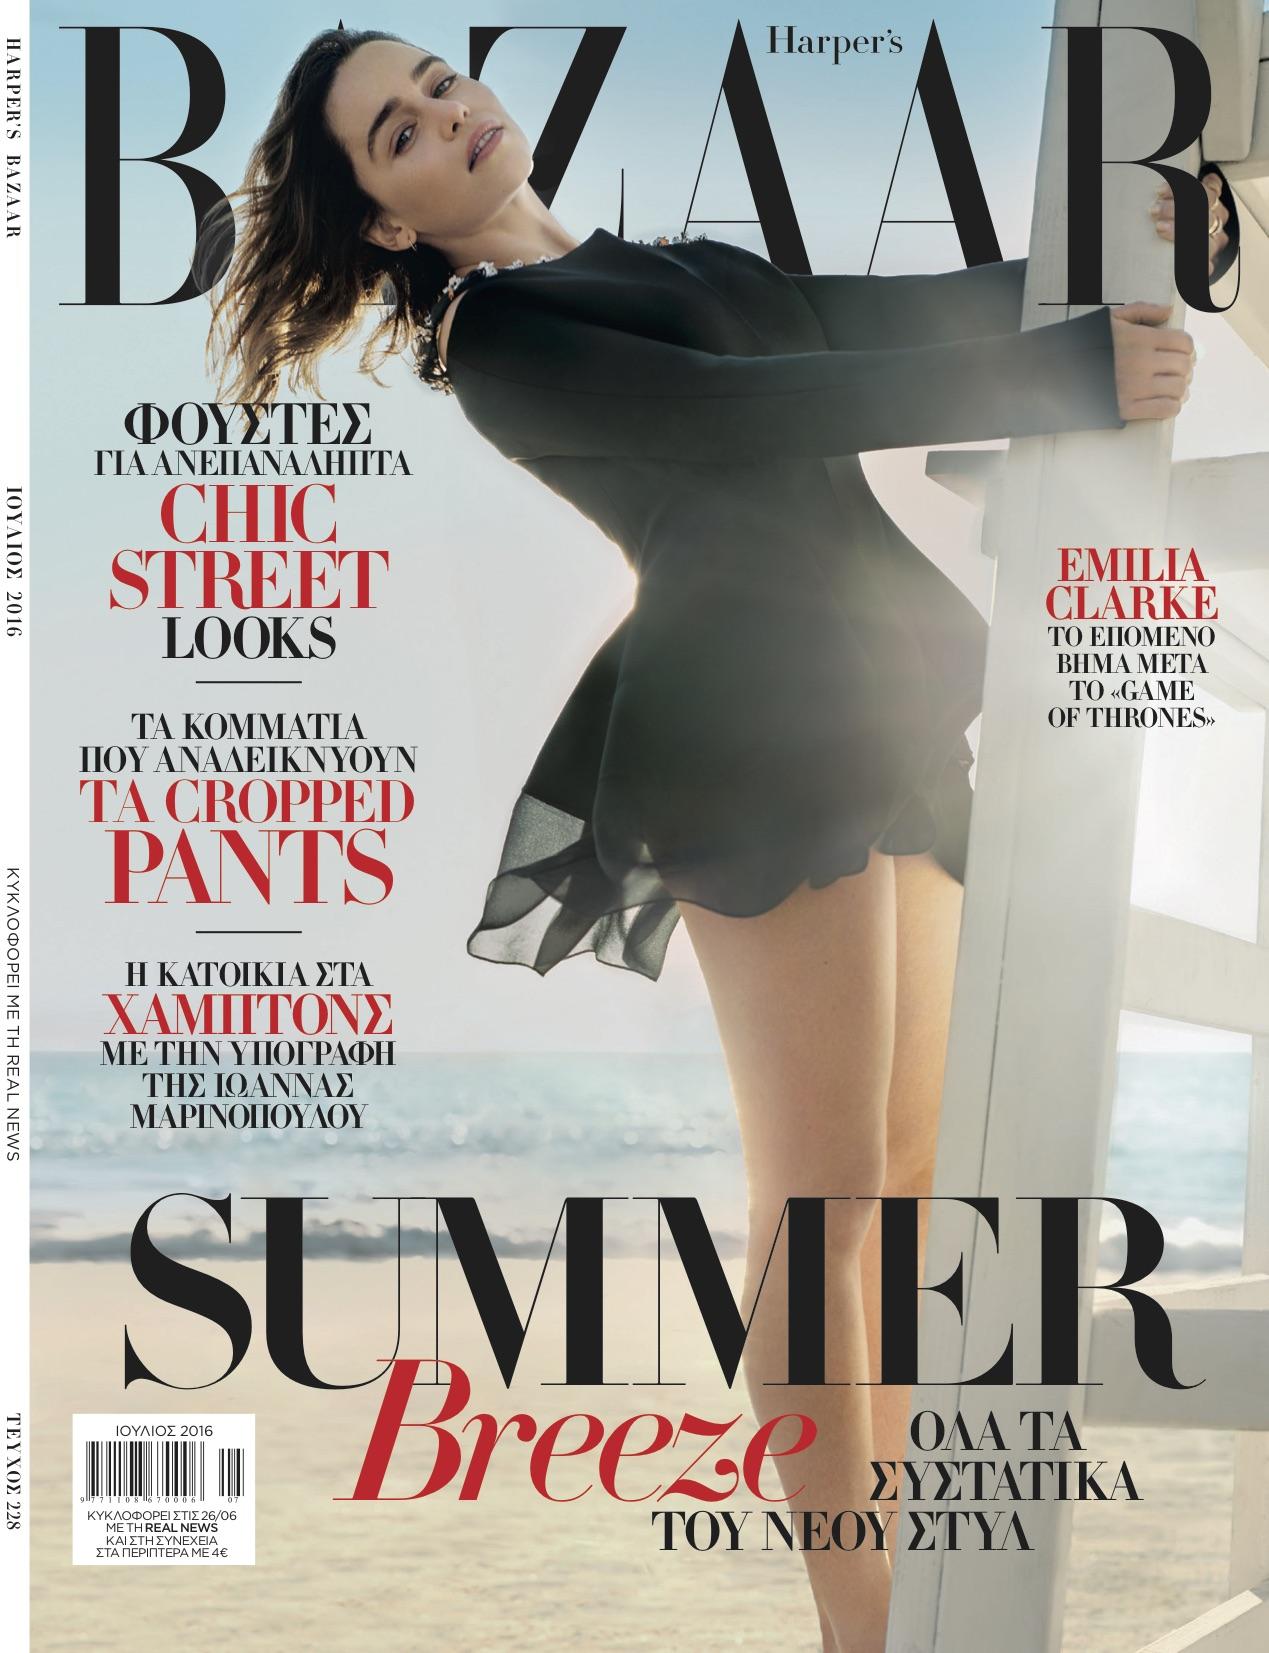 Harper's Bazaar   July 2016